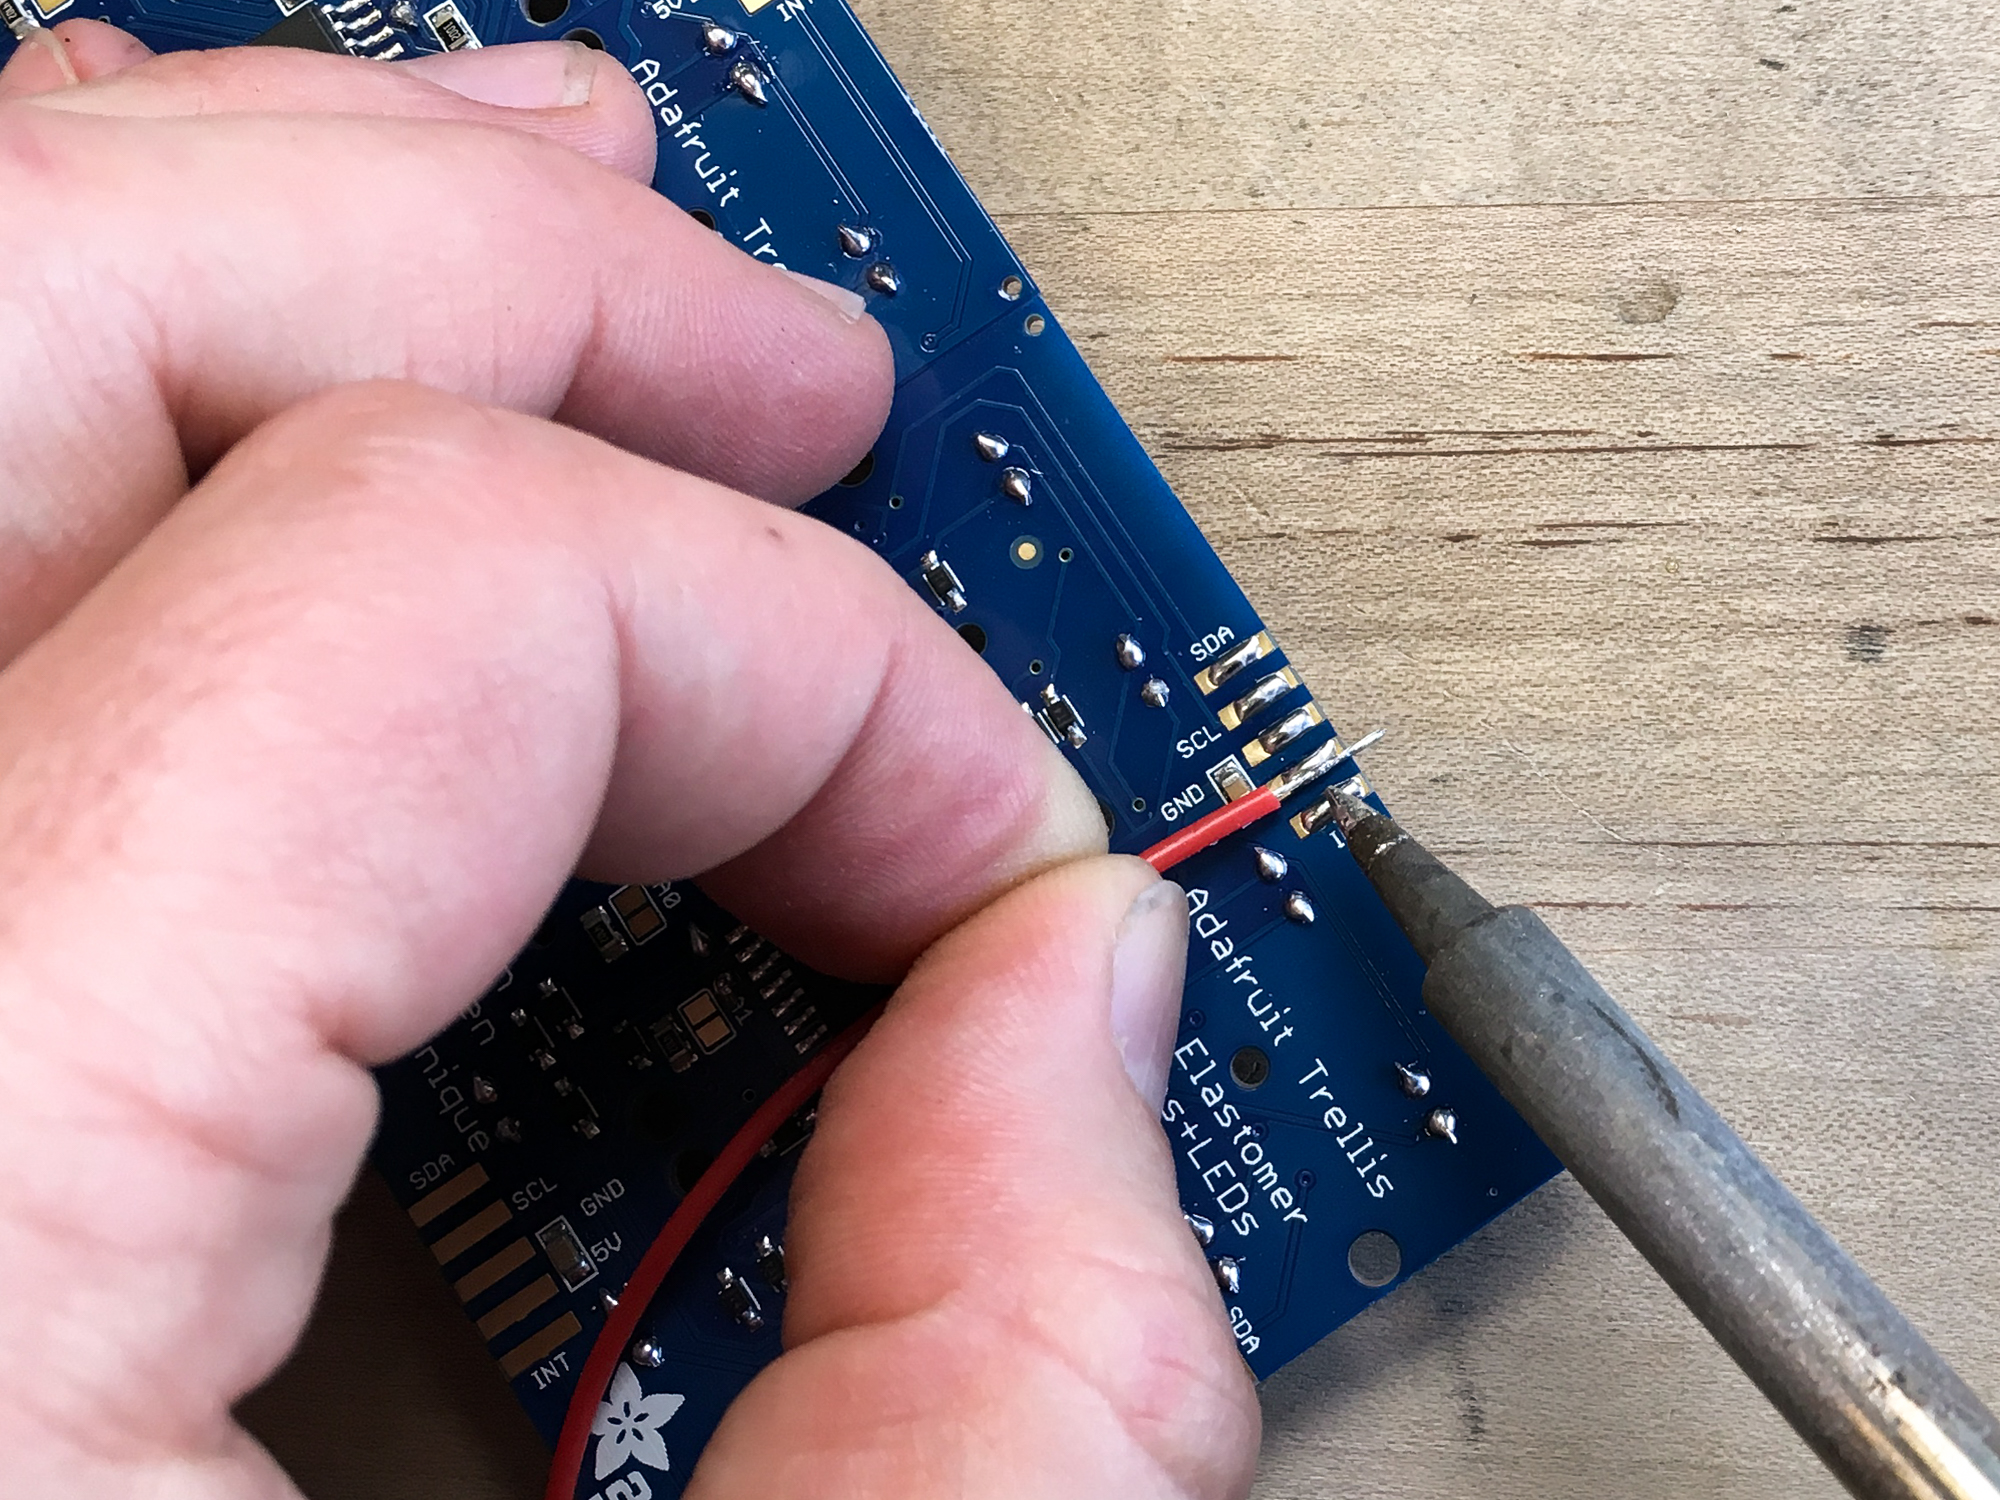 microcontrollers_IMG_1884_2k.jpg